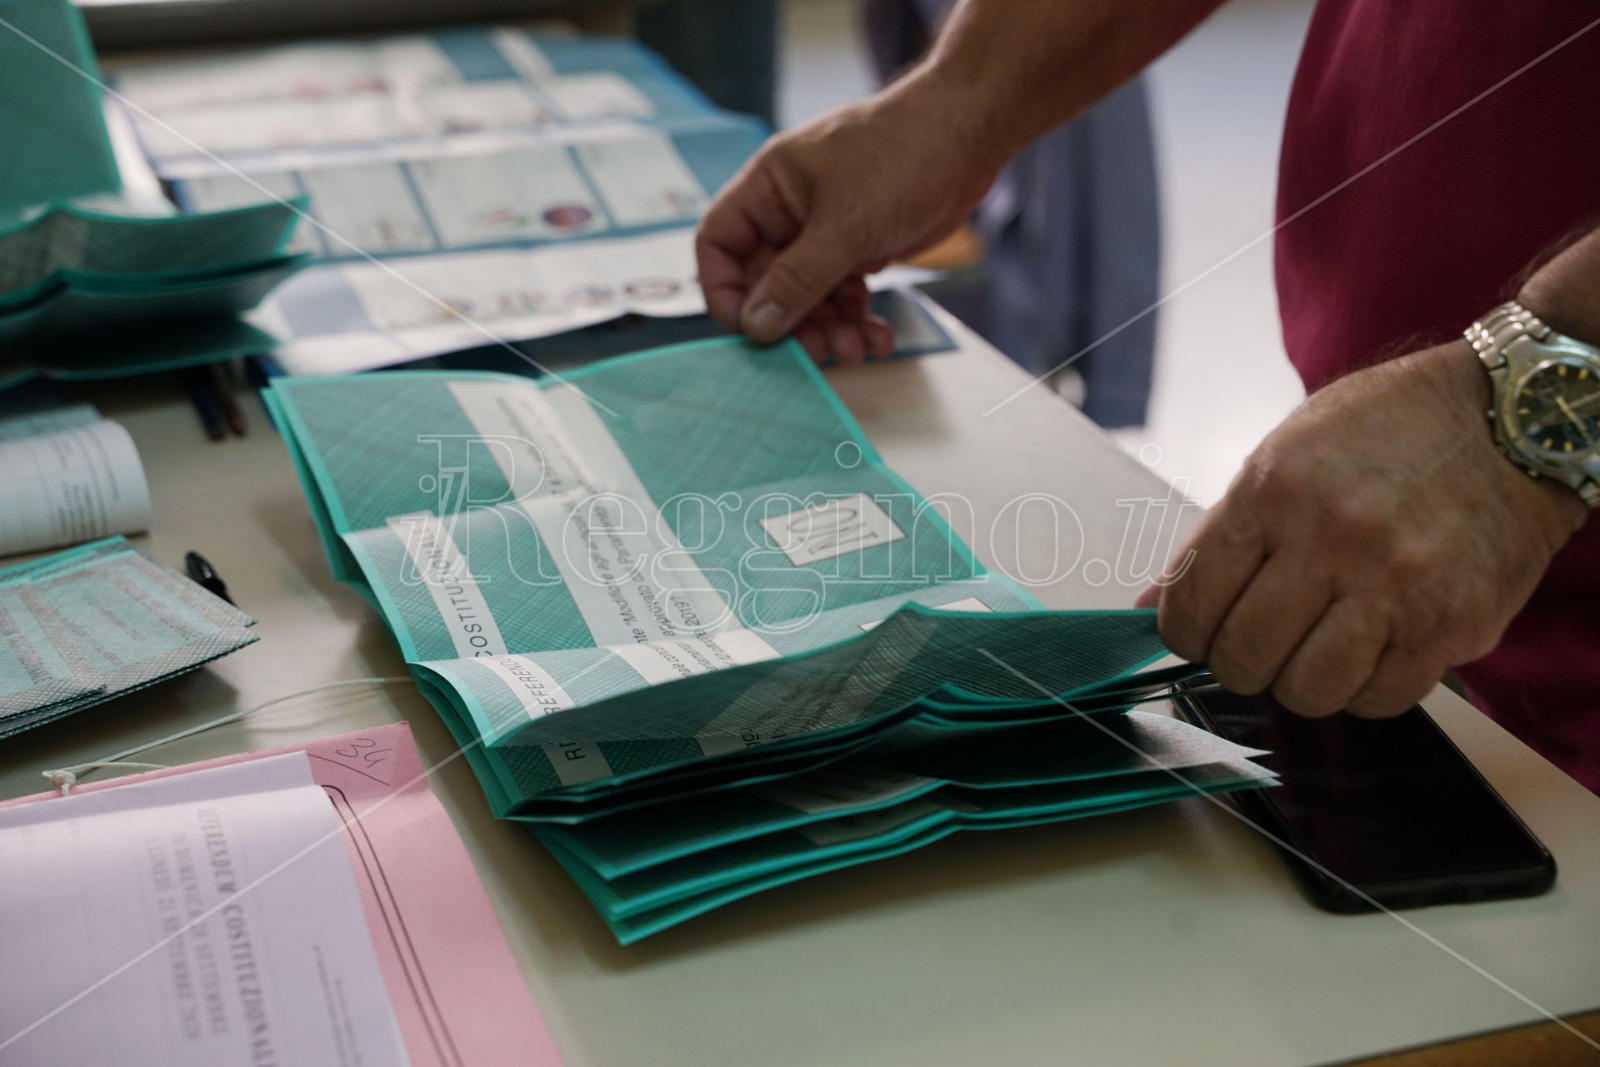 Elezioni comunali a Maropati, i risultati definitivi: Rocco Giorgio Ciurleo è il nuovo sindaco